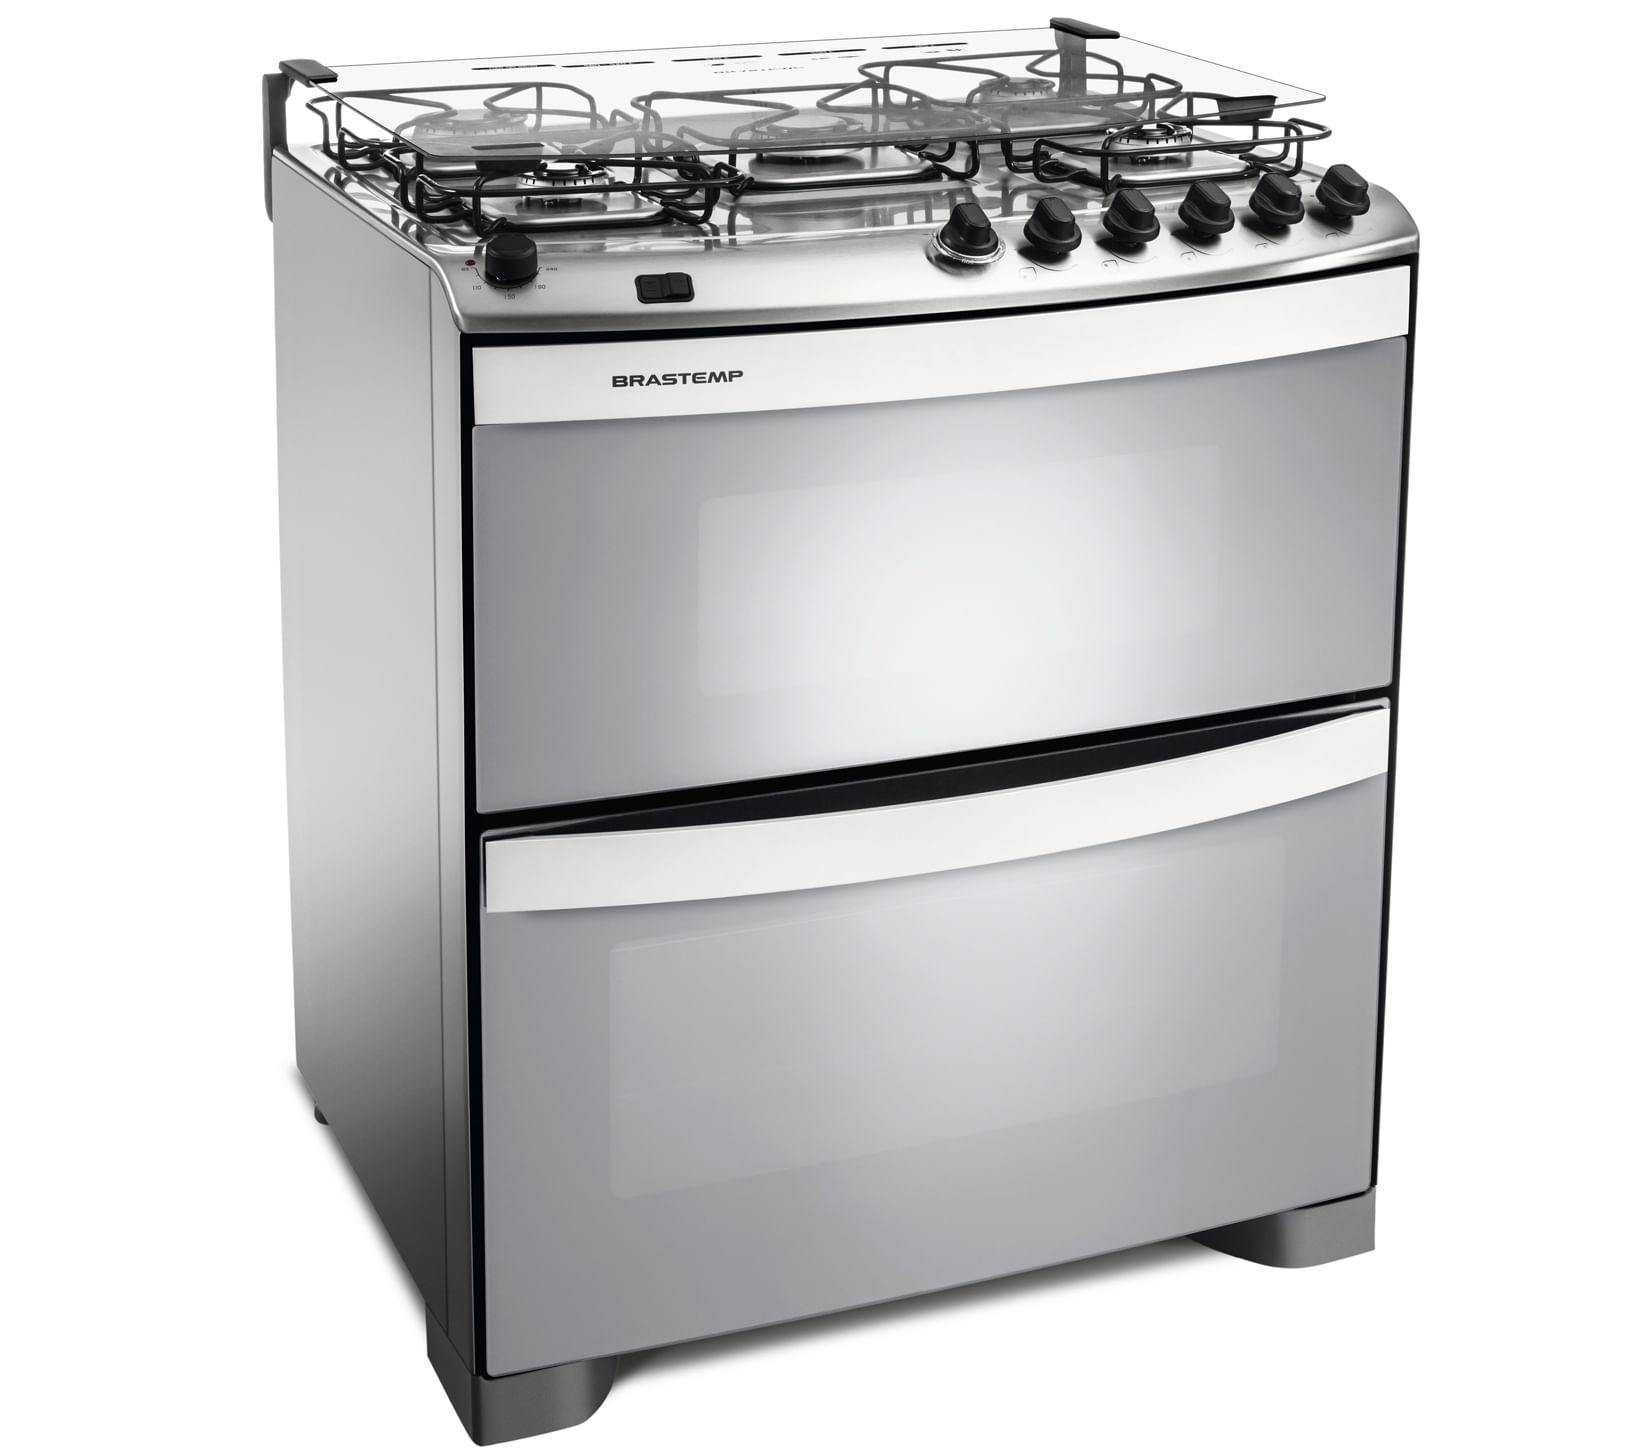 Fogão Brastemp 5 bocas duplo forno cor Inox com acendimento automático e mesa flat top